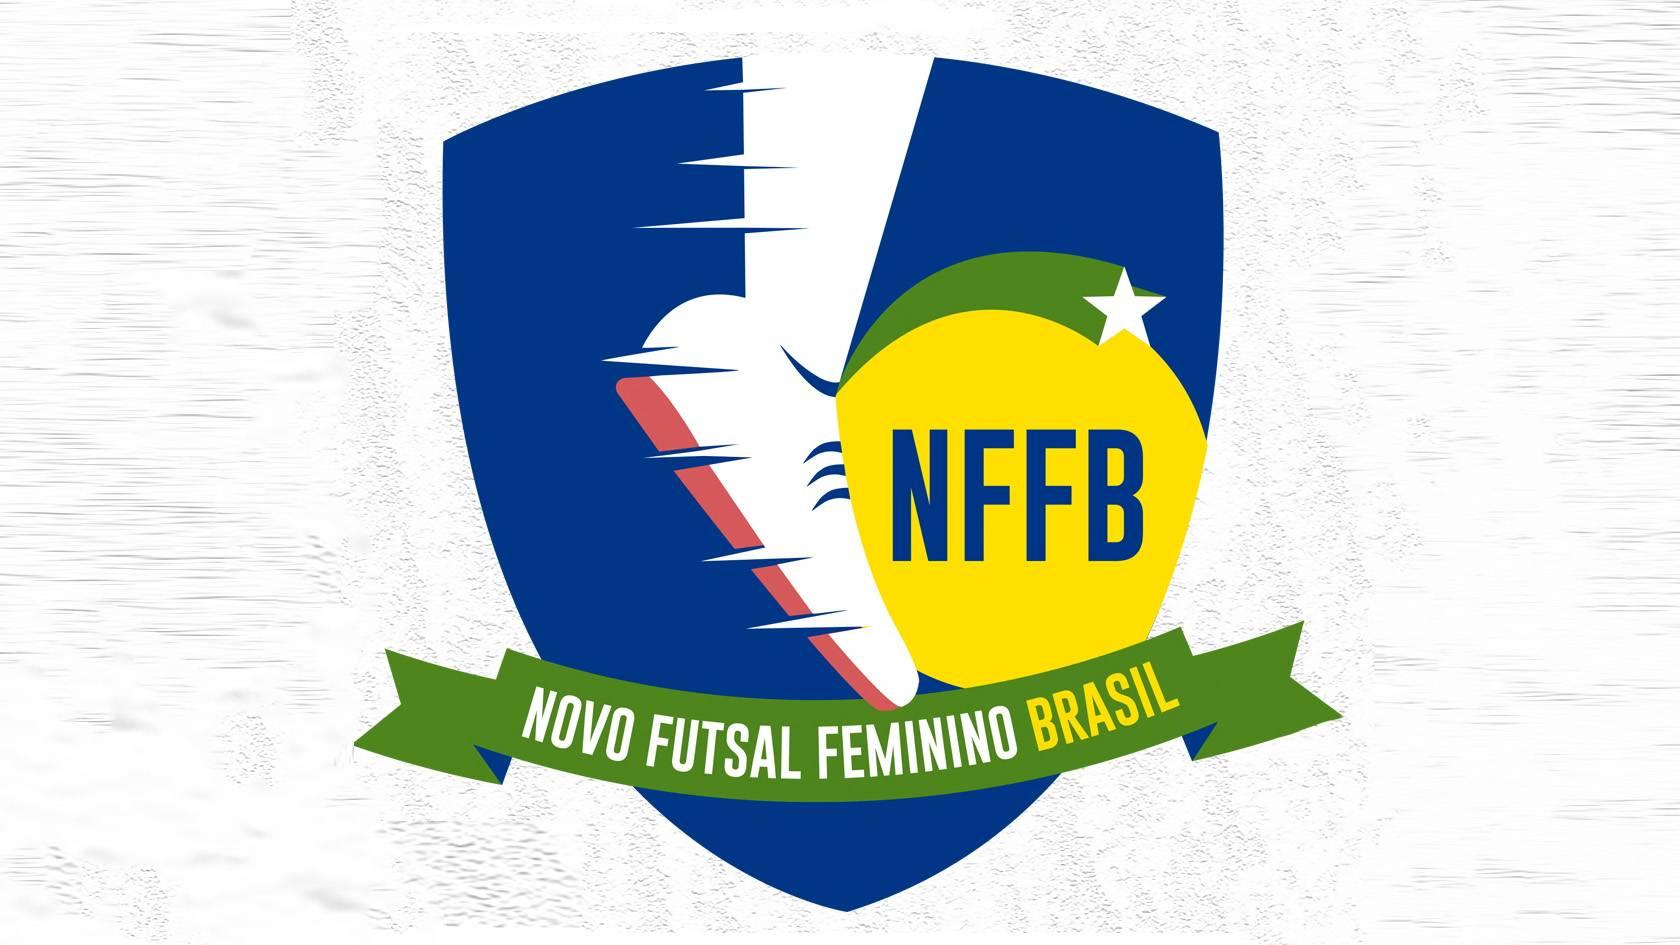 A CBFS divulga tabela com datas e horários do NFFB (Novo Futsal Feminino Brasil)